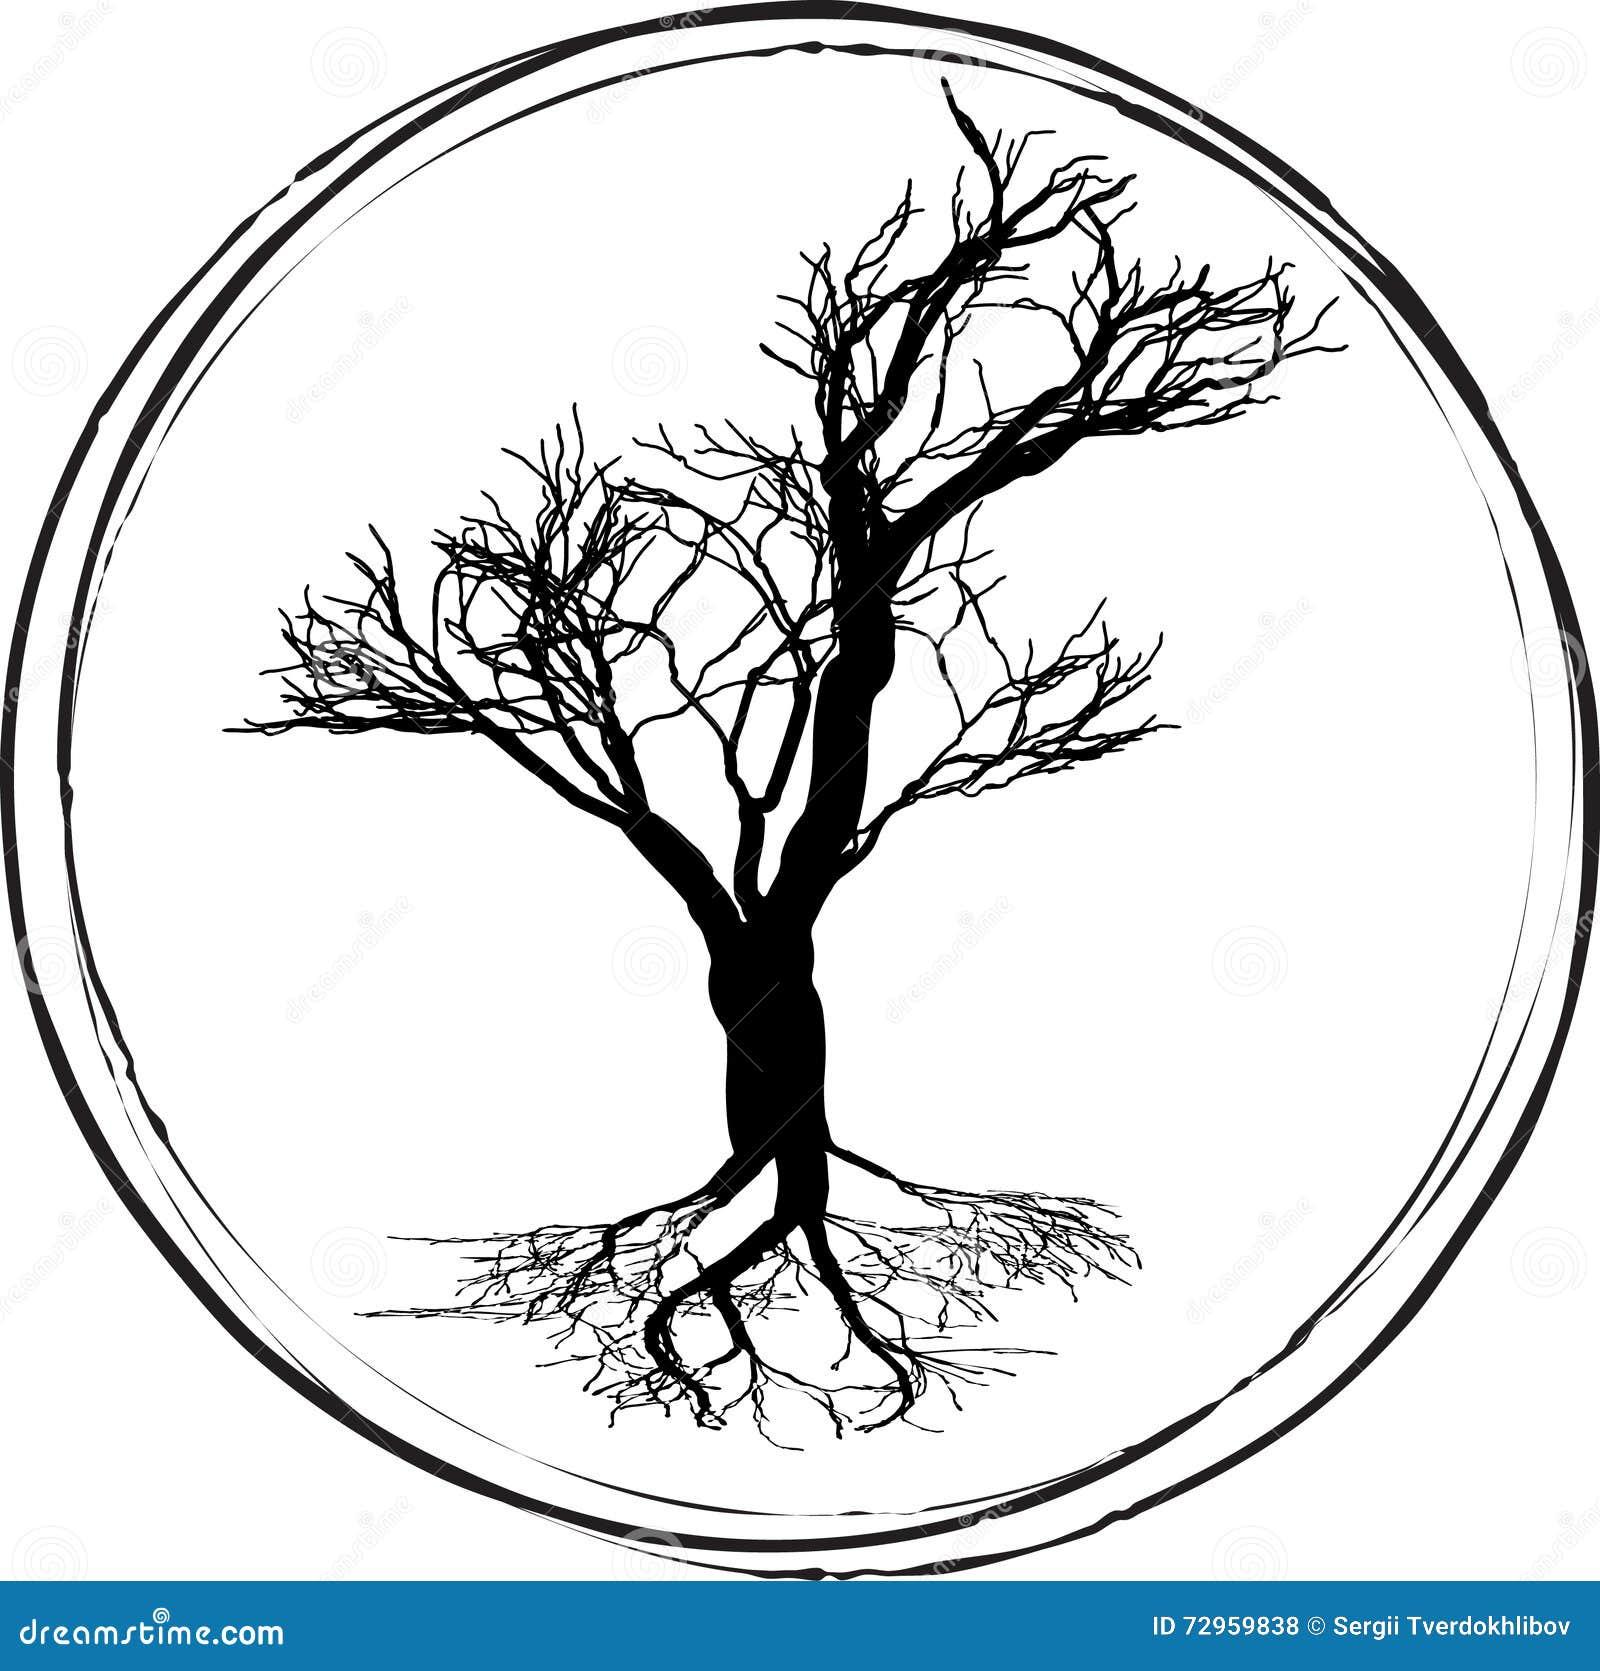 dessin noir et blanc d 39 arbre feuilles caduques silhouette noire sur un fond blanc illustration. Black Bedroom Furniture Sets. Home Design Ideas